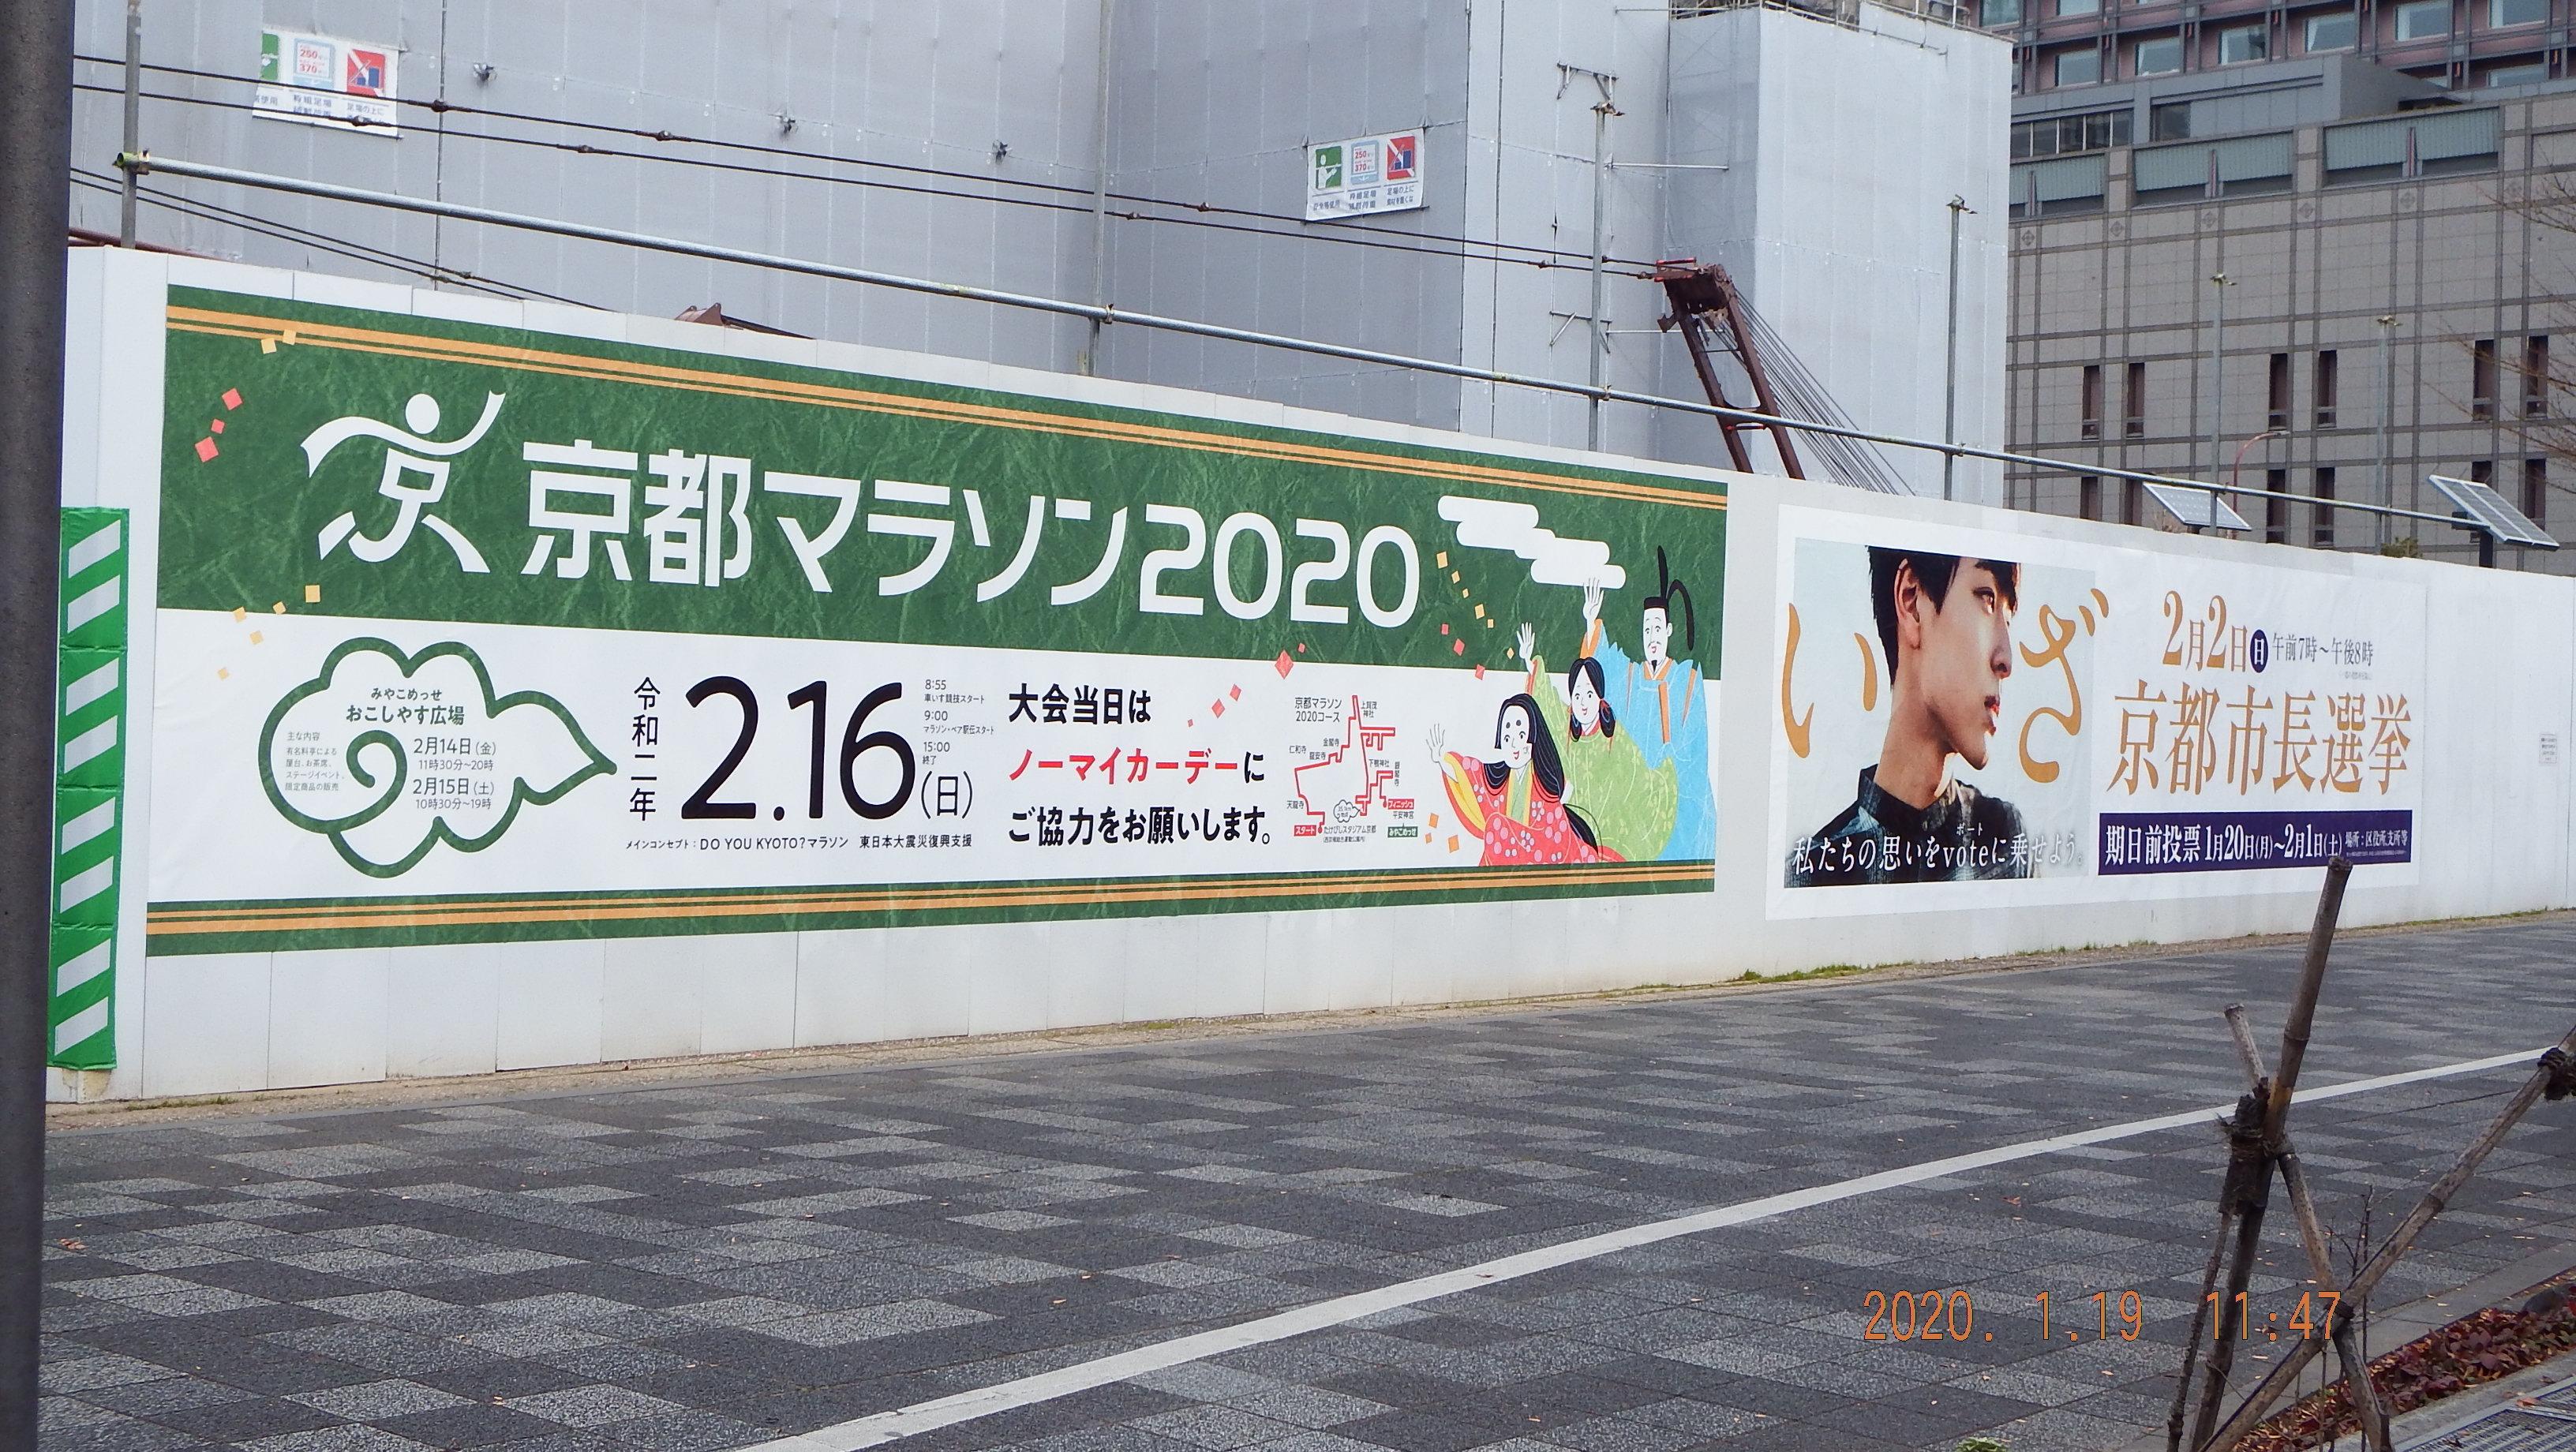 20011905.jpg